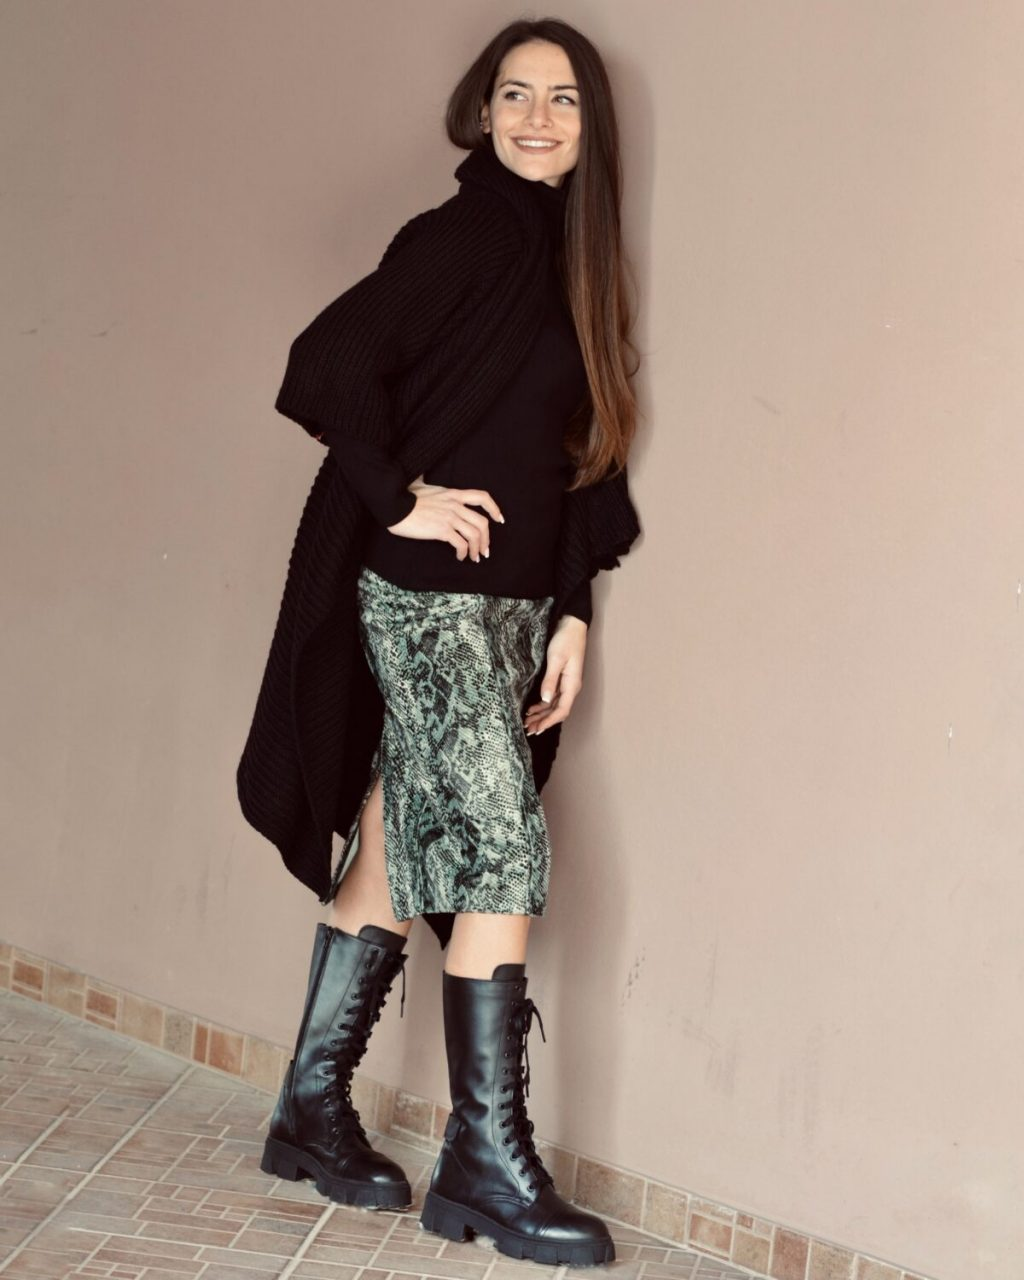 Γυναικεία Ρούχα TAILOR MADE ΖΑΚΕΤΑ